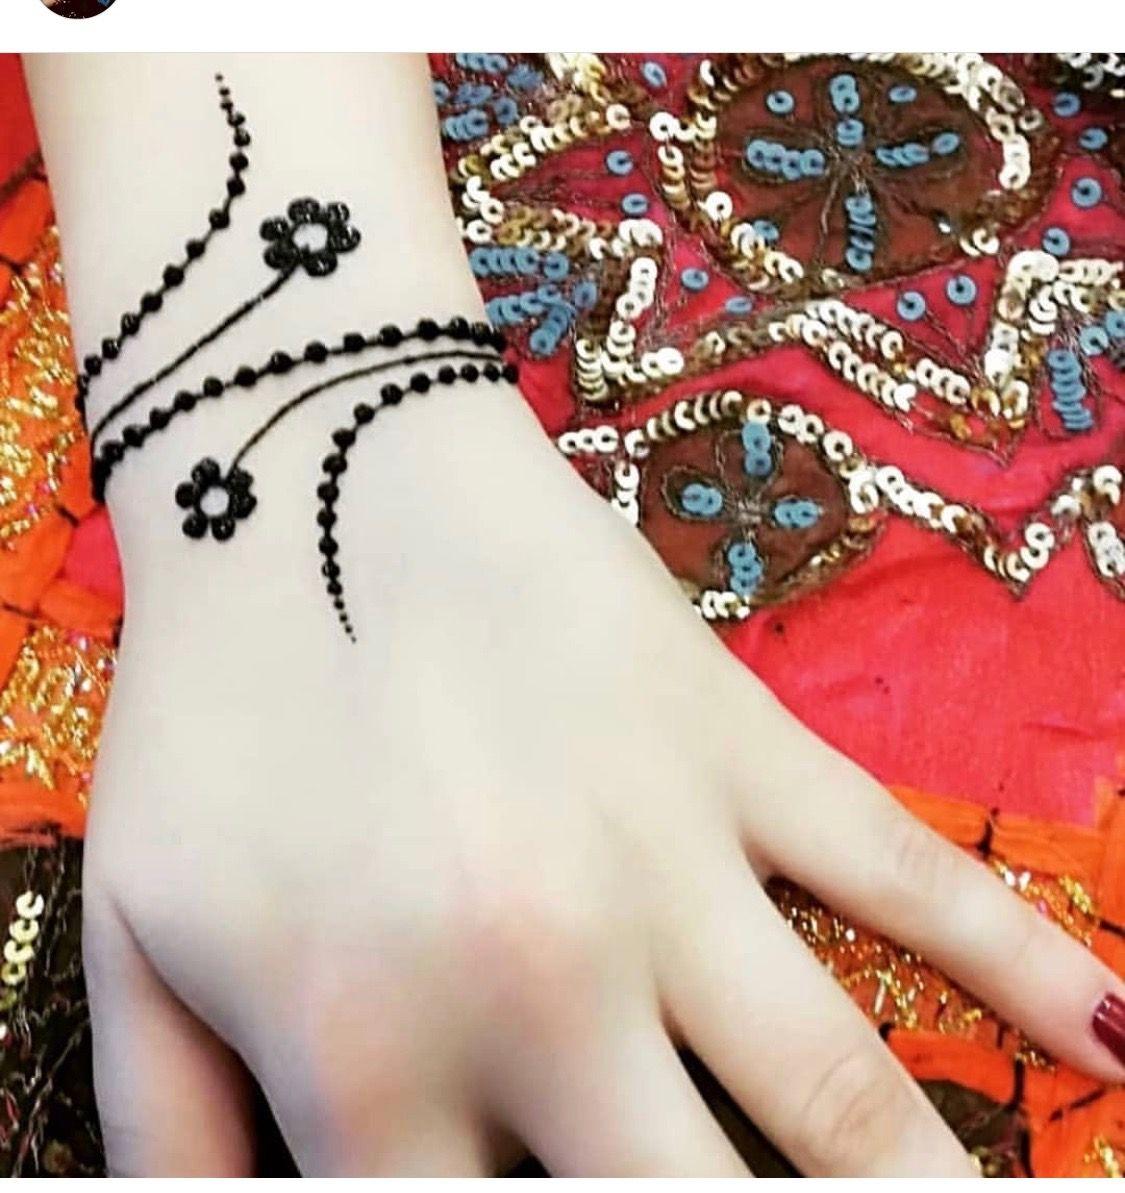 Latest Henna Design Henna Tattoo Designs Hand Latest Henna Designs Henna Designs Feet